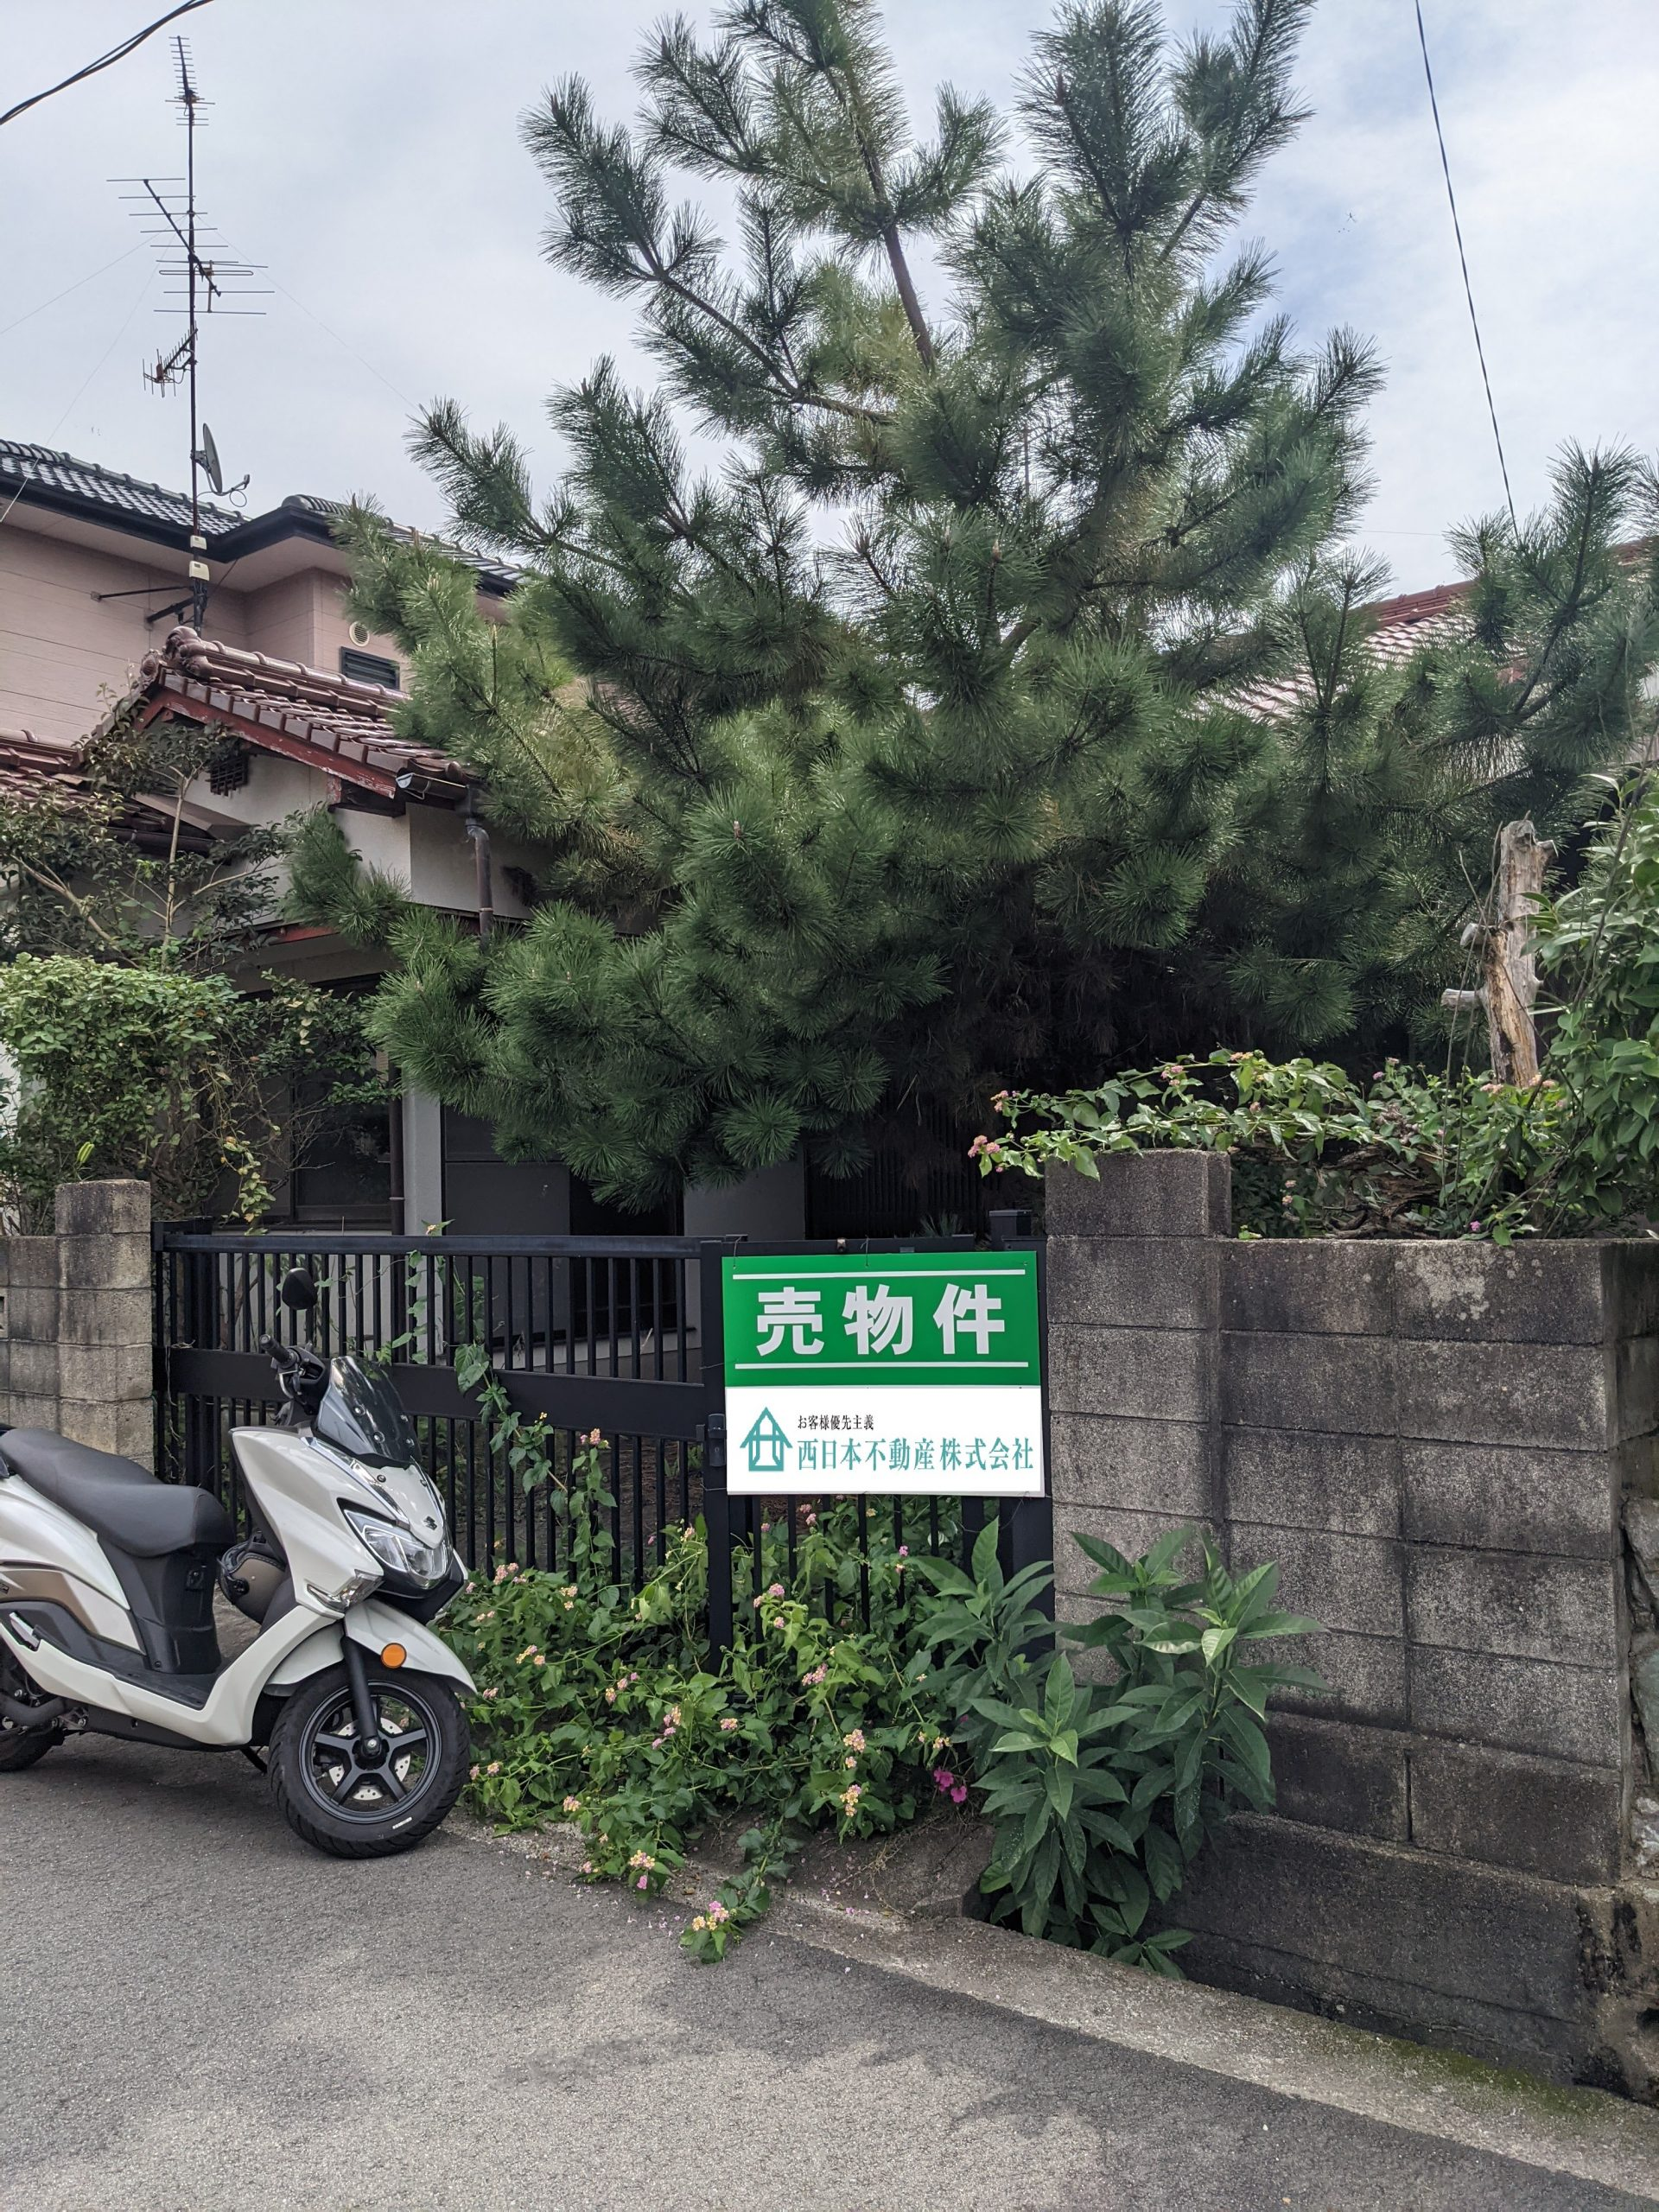 静かな立地で住まい考えてみませんか?|松山市土手内|売り土地